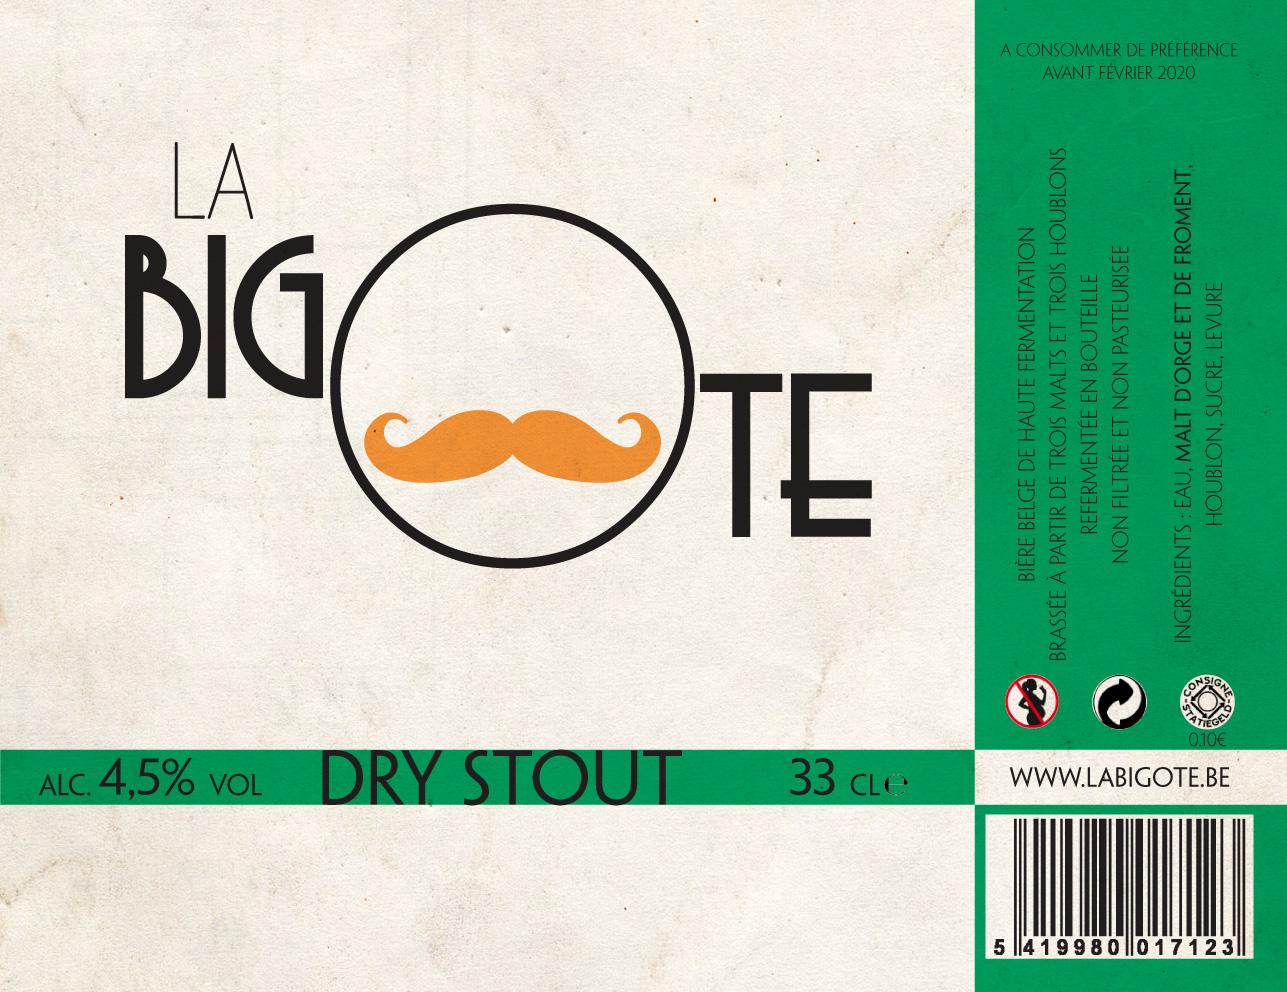 Etiquette 33cl Dry Stout retouche 02-2017